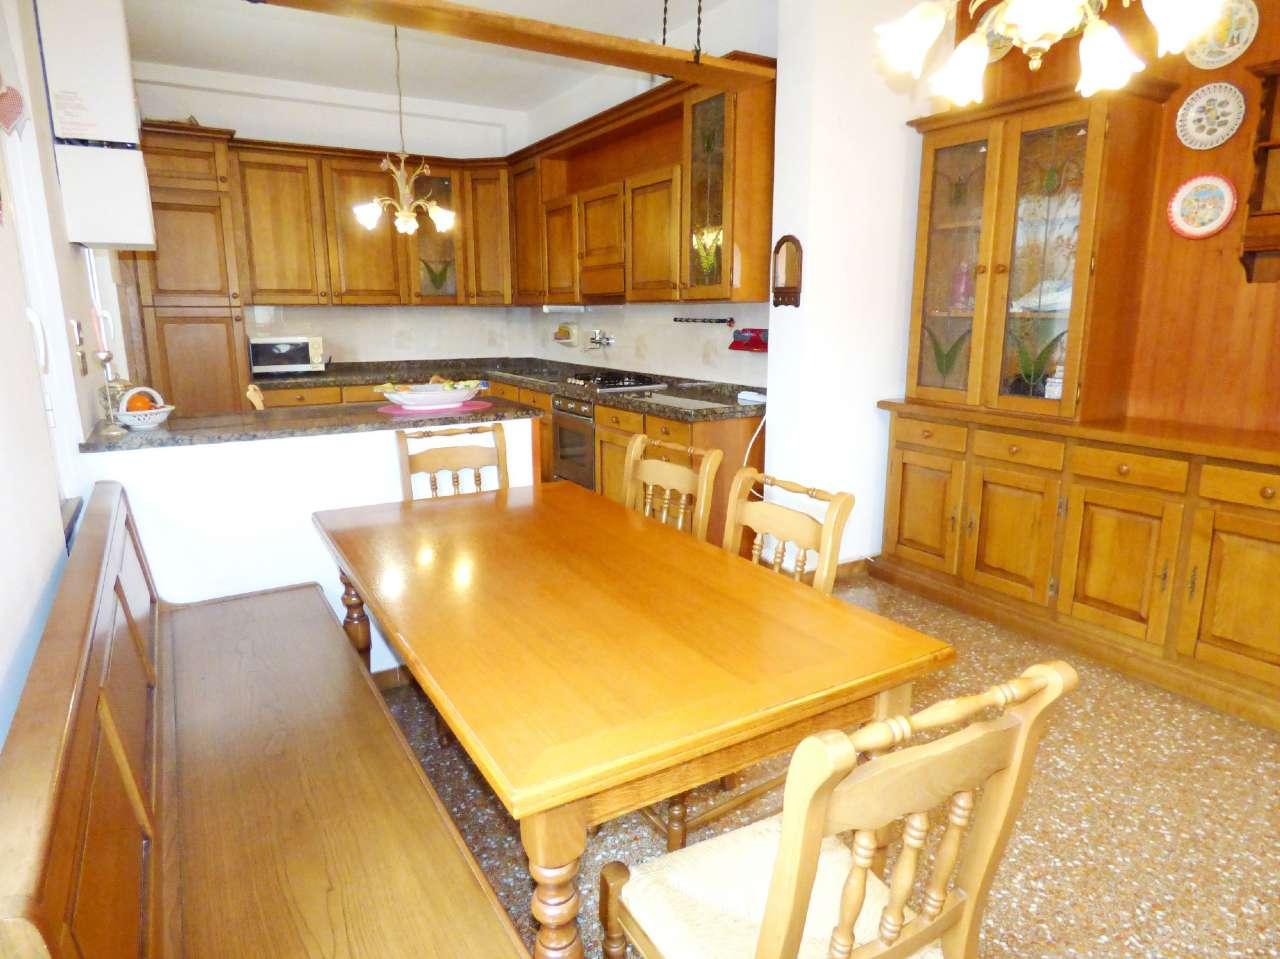 Appartamento in vendita a Bargagli, 5 locali, prezzo € 75.000 | CambioCasa.it